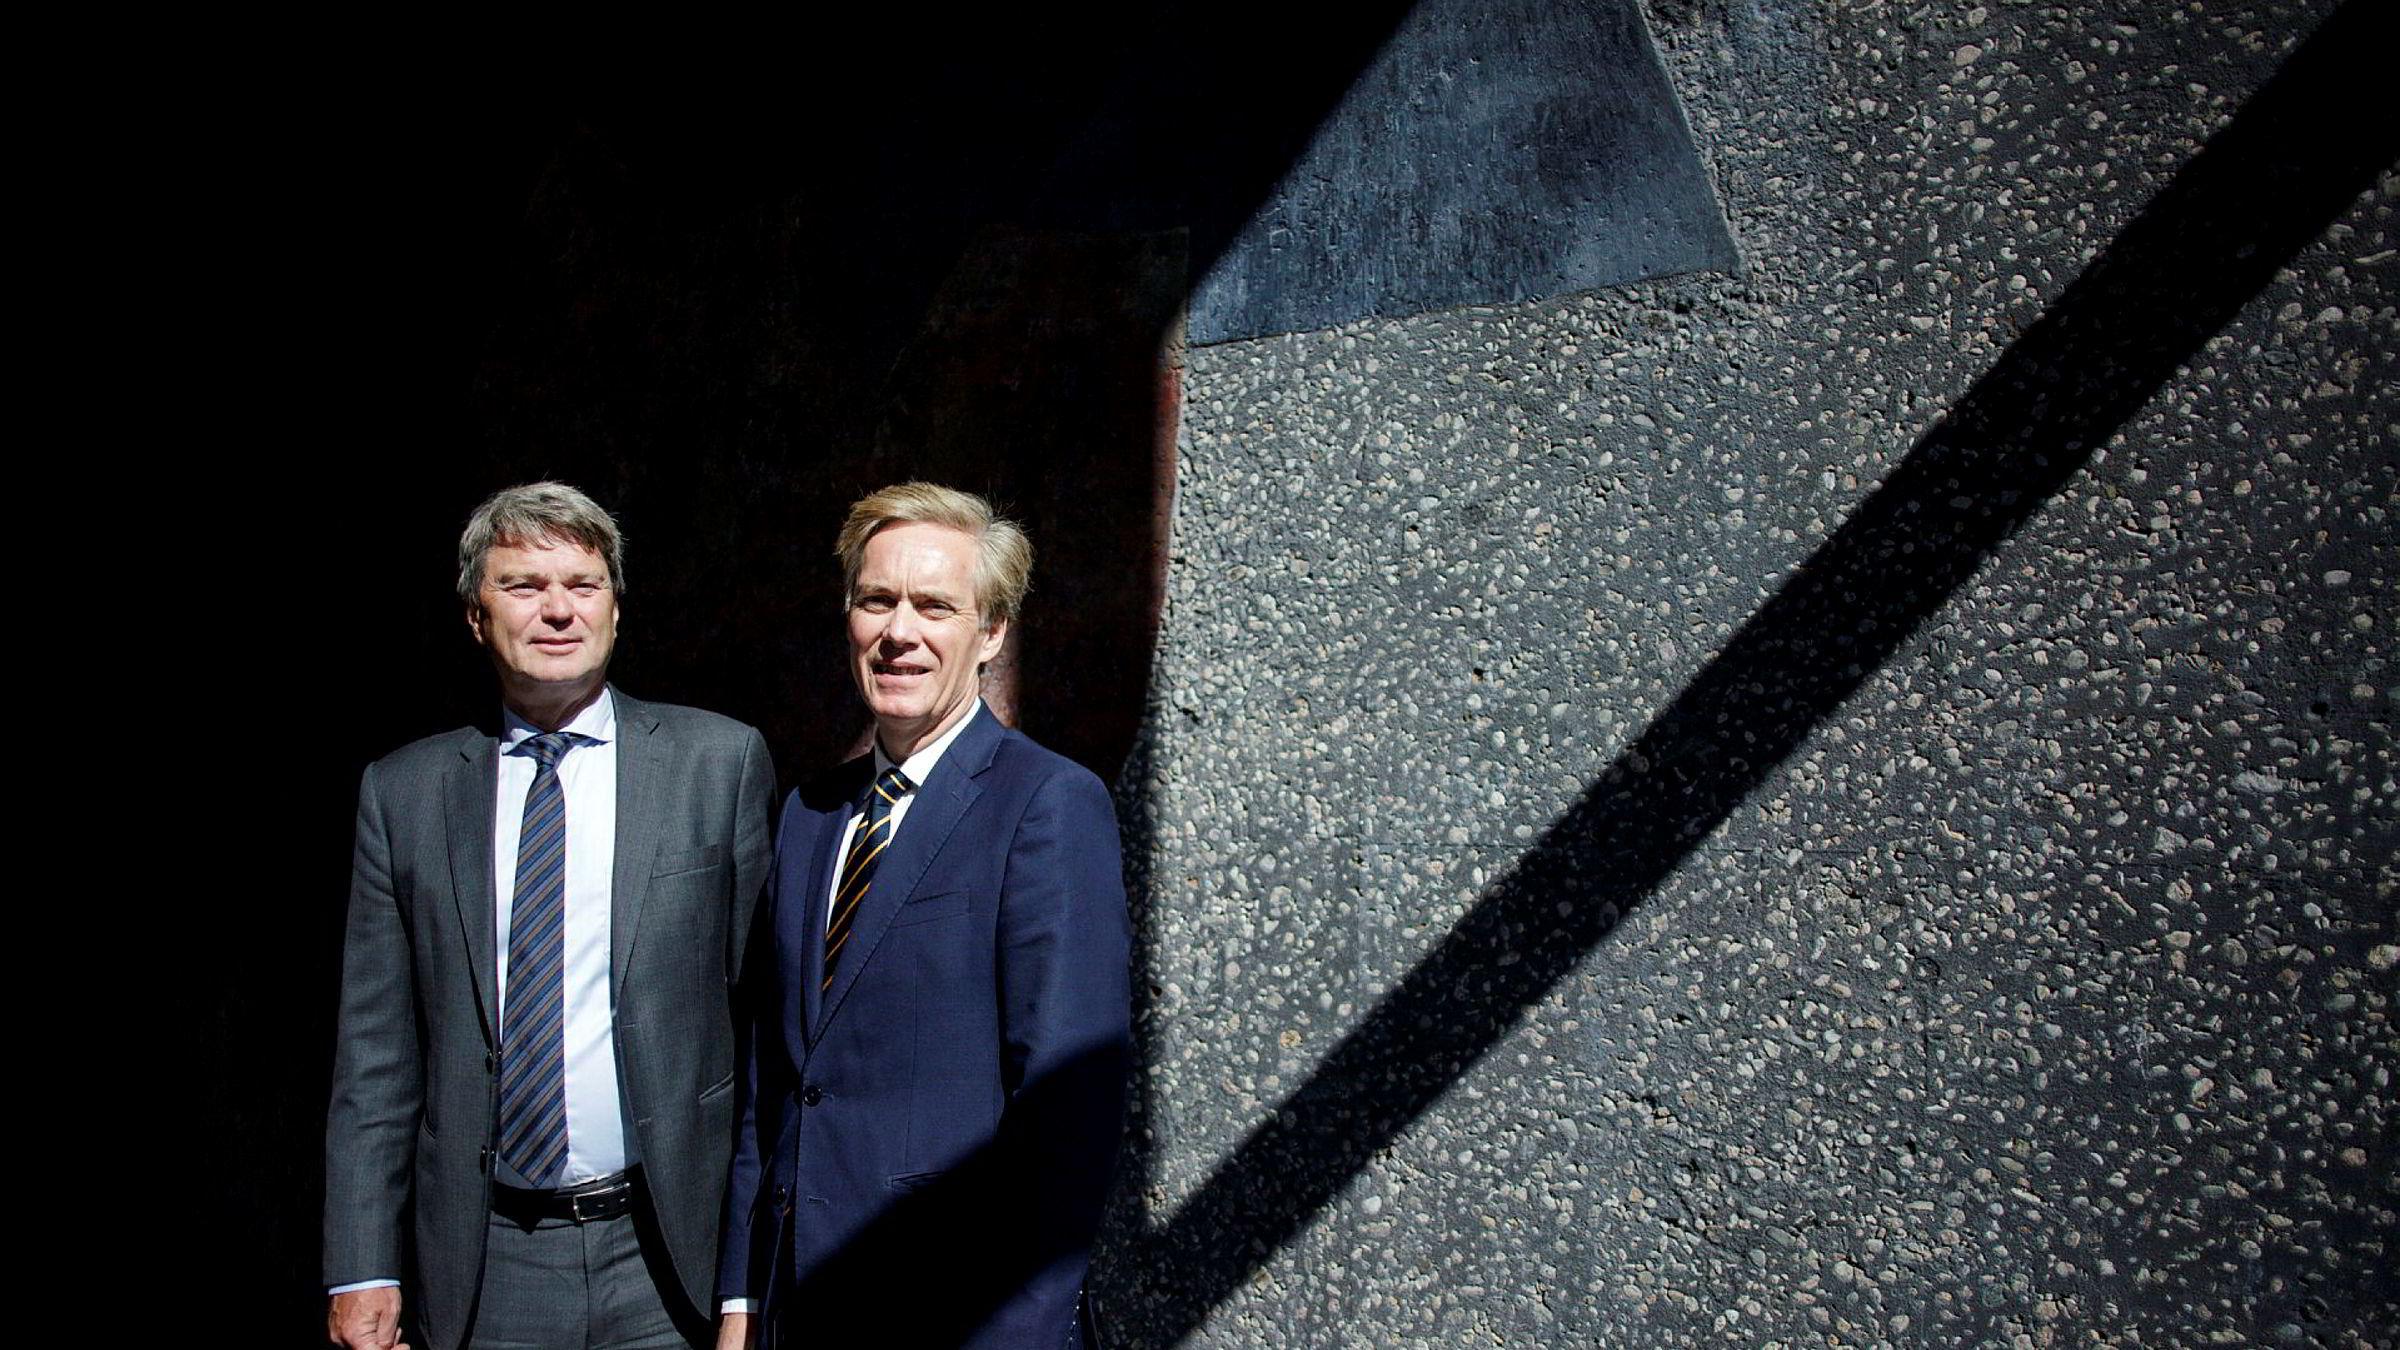 Leder av administrasjonsstyret i Silver, advokat Sven Iver Steen og fungerende sjef Bjørn Østbø lykkes å finne en løsning kun få Silver-kunder var misfornøyd med.